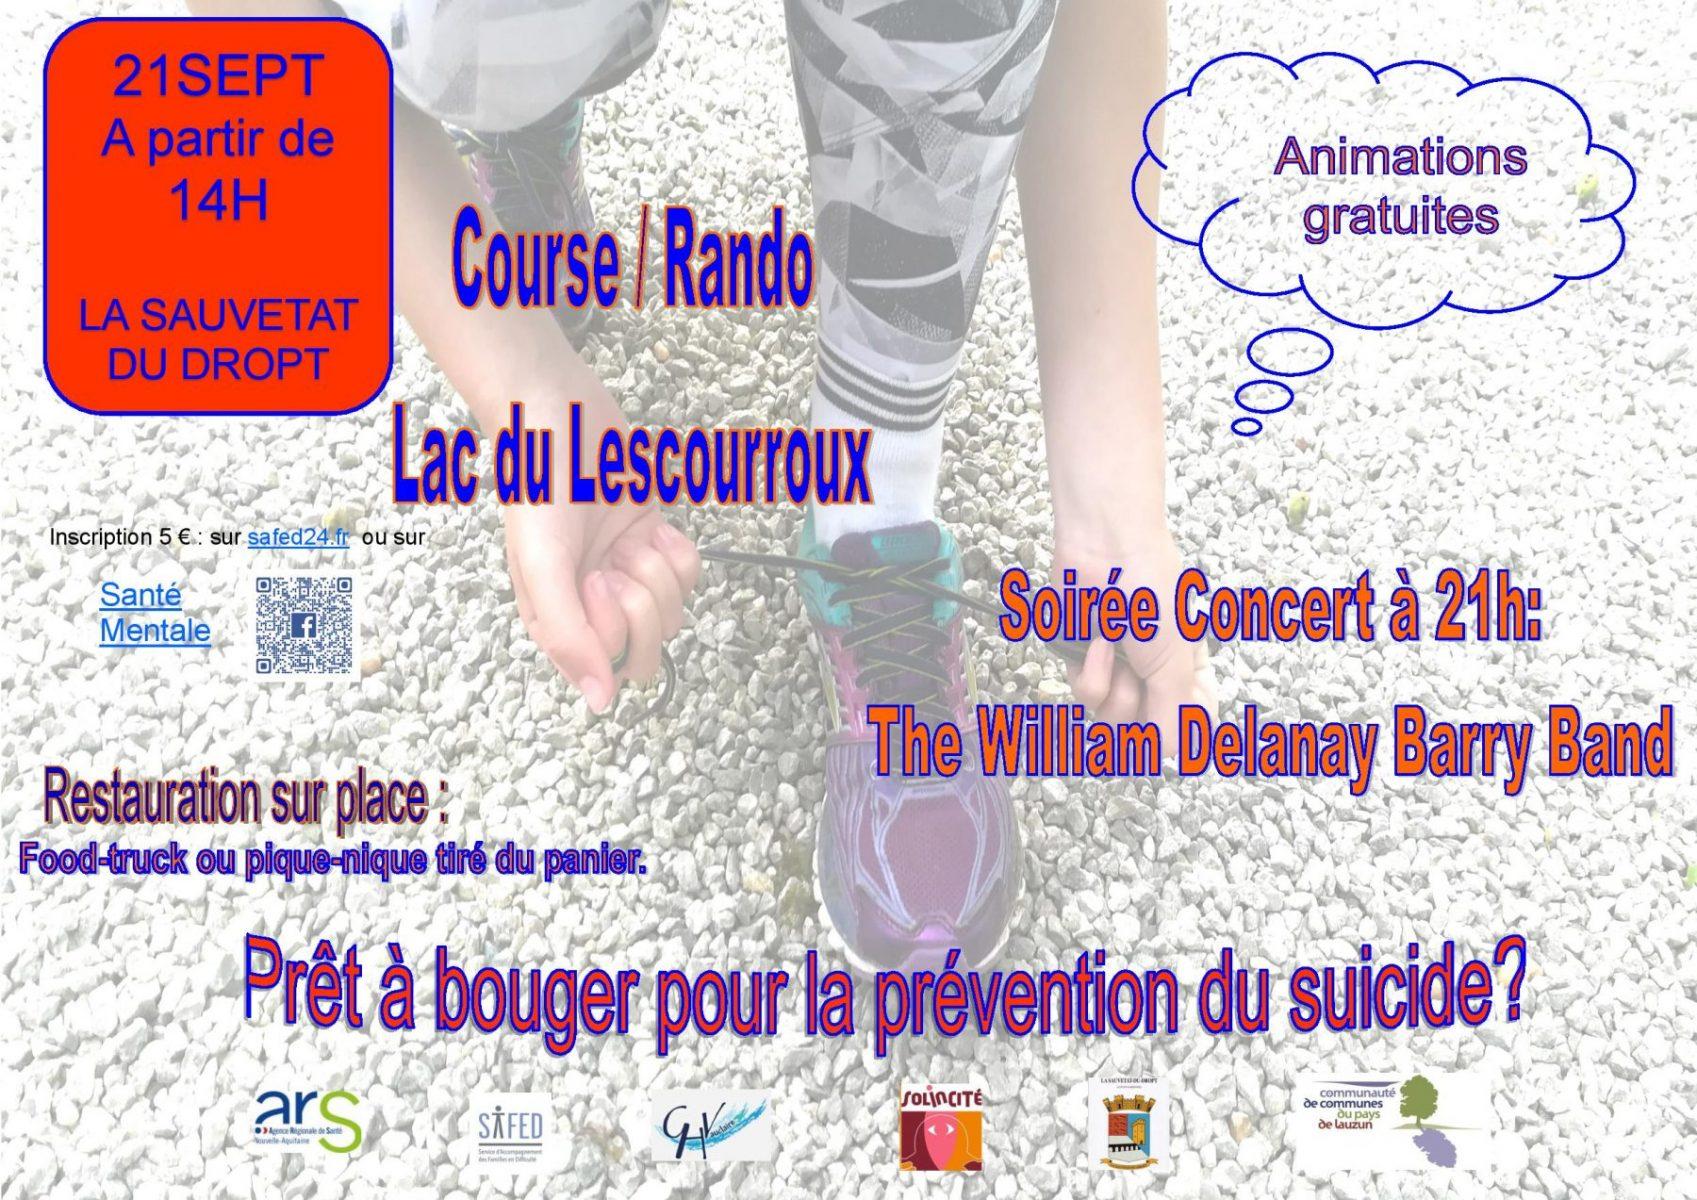 Journée Nationale de Prévention du Suicide le 21 Septembre à La Sauvetat du Dropt